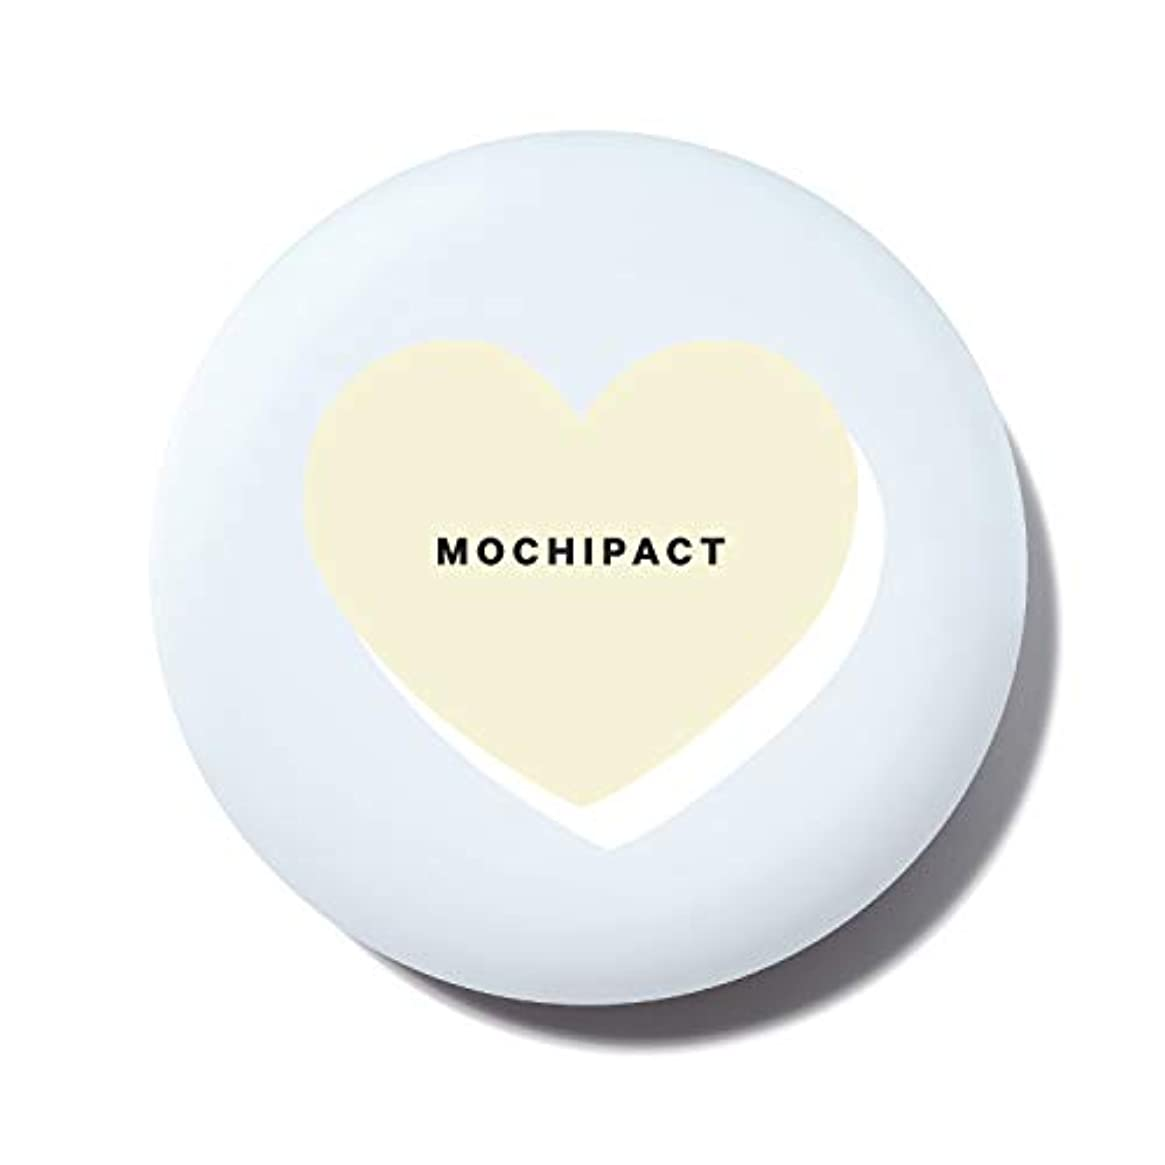 空破壊する静かに16brand(シックスティーンブランド) 16MOCHI PACT (モチパクト) ピーチライト (PEACH LIGHT) (9g)